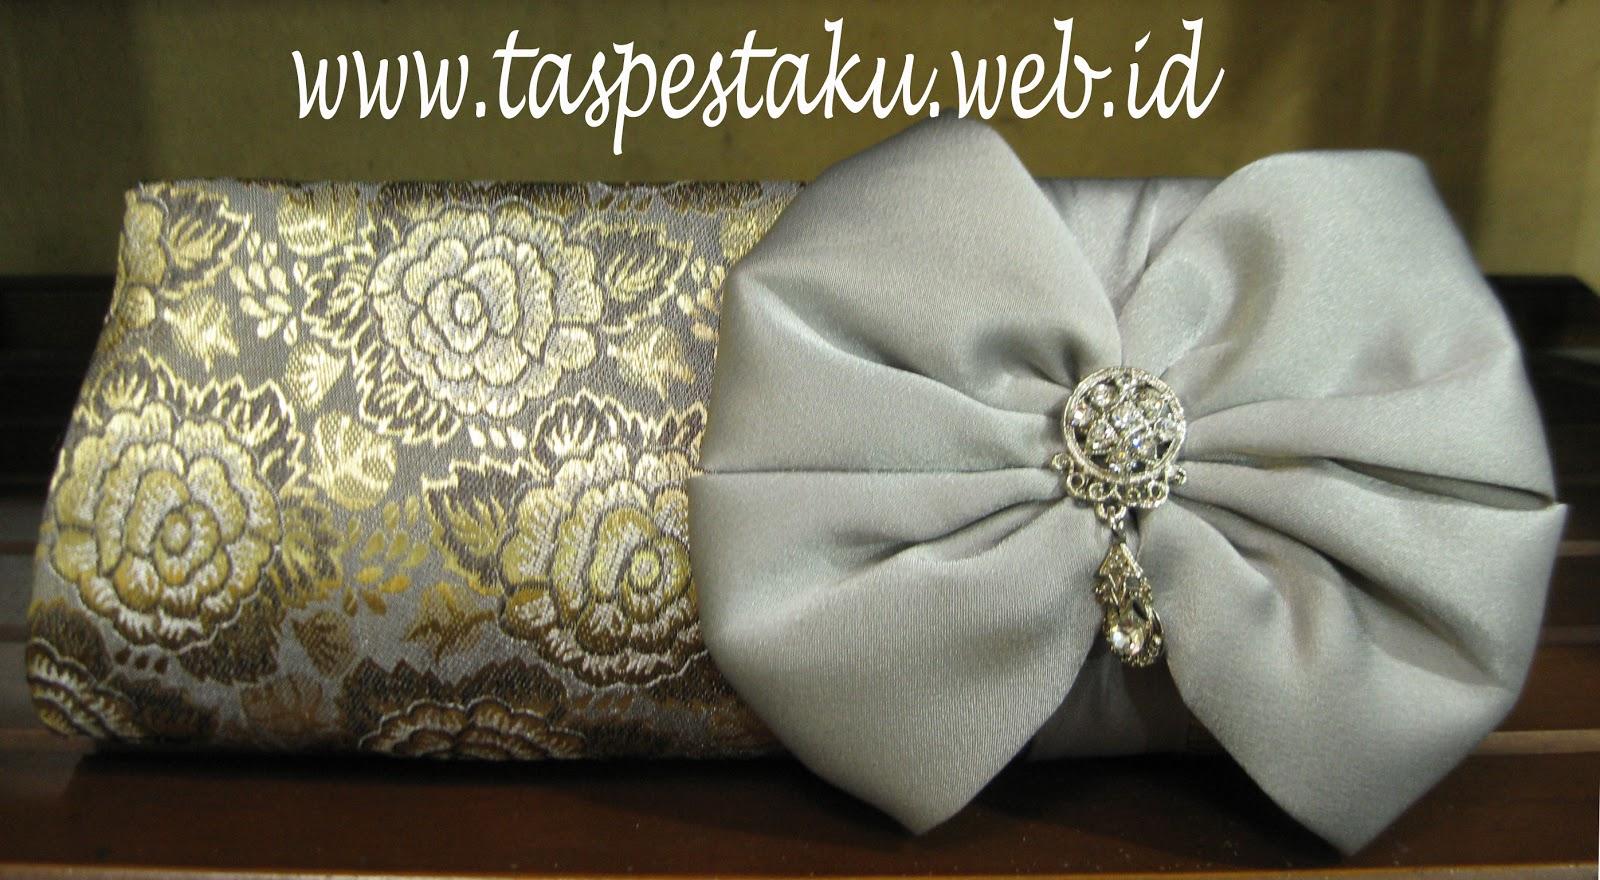 http://1.bp.blogspot.com/-dPSJCYNGmaQ/UICoZoHzKlI/AAAAAAAAB1E/o44iNA-OyWY/s1600/Tas+Pesta+F1+Sari+India+Silver+Clutch+Bag.jpg